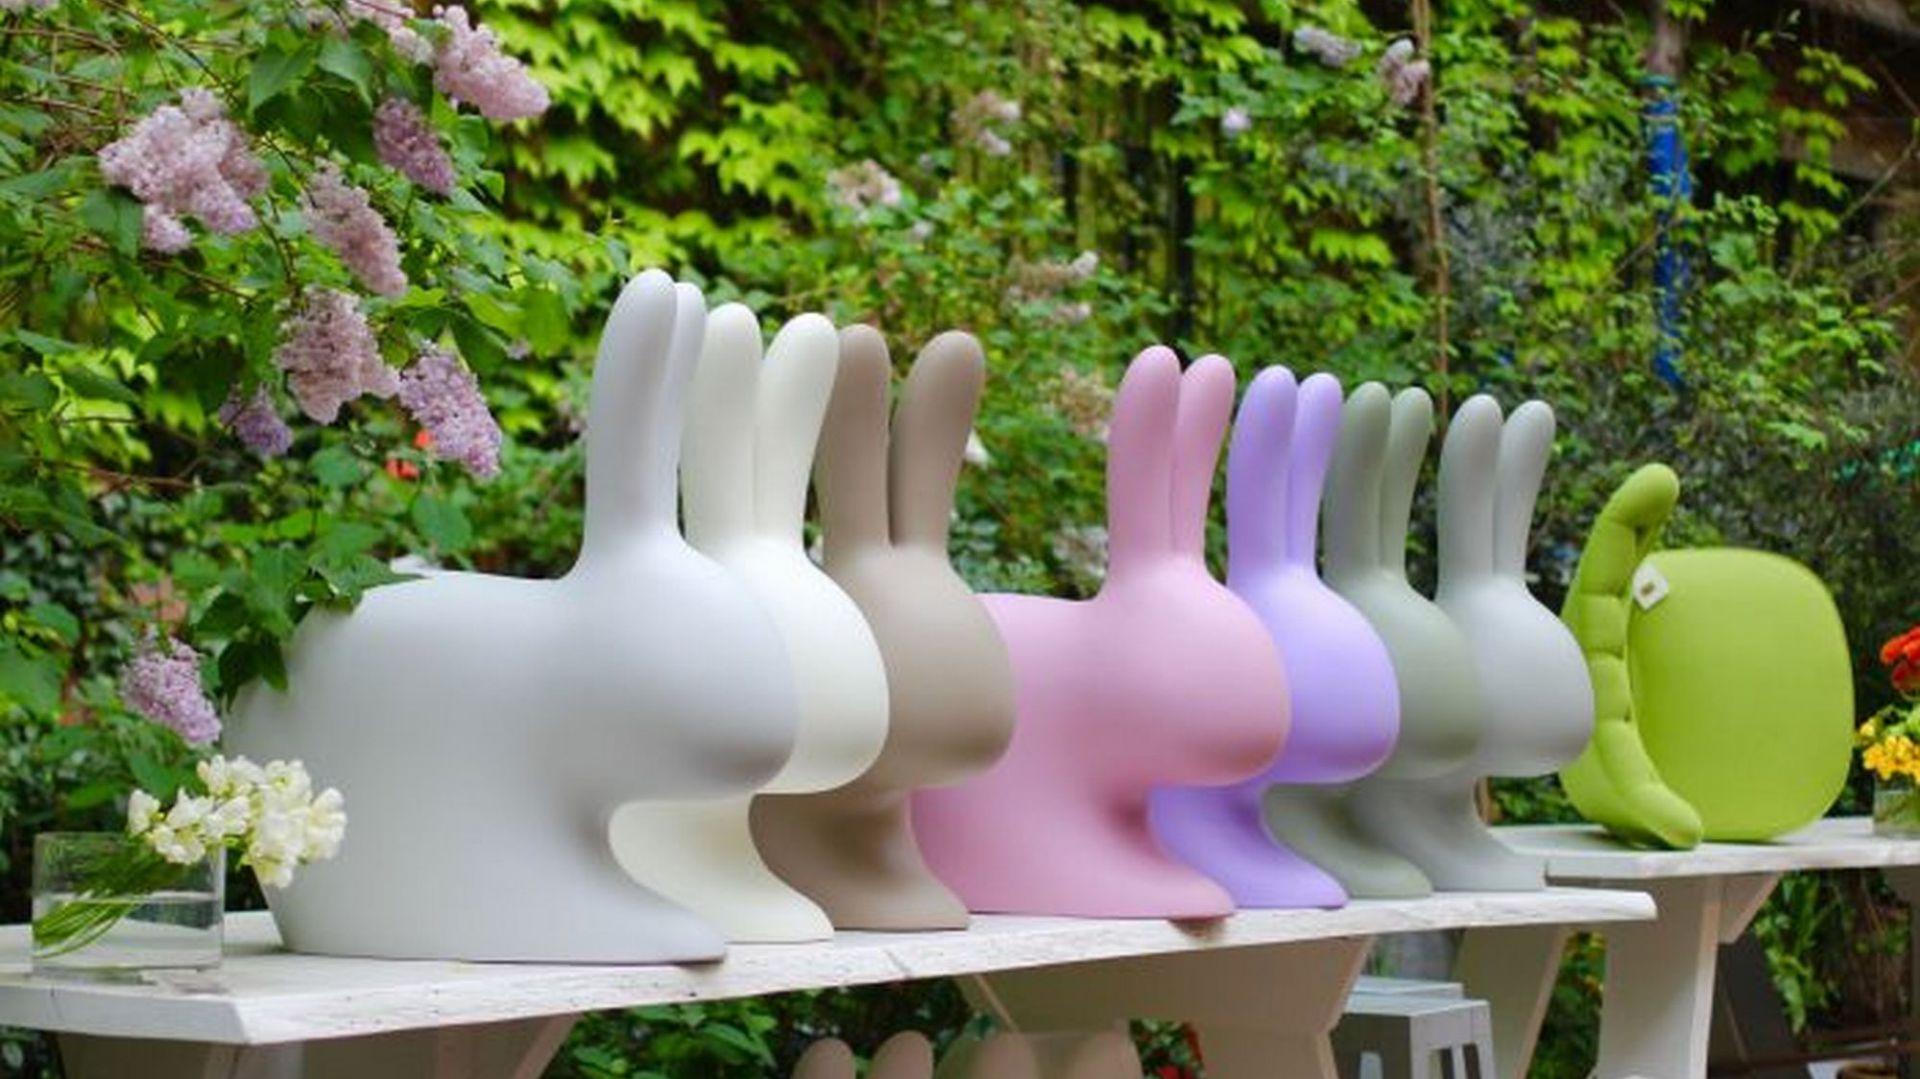 Dekoracje i oświetlenie do ogrodu. Rabbit. Fot. Qeeboo/Dutchhouse.pl